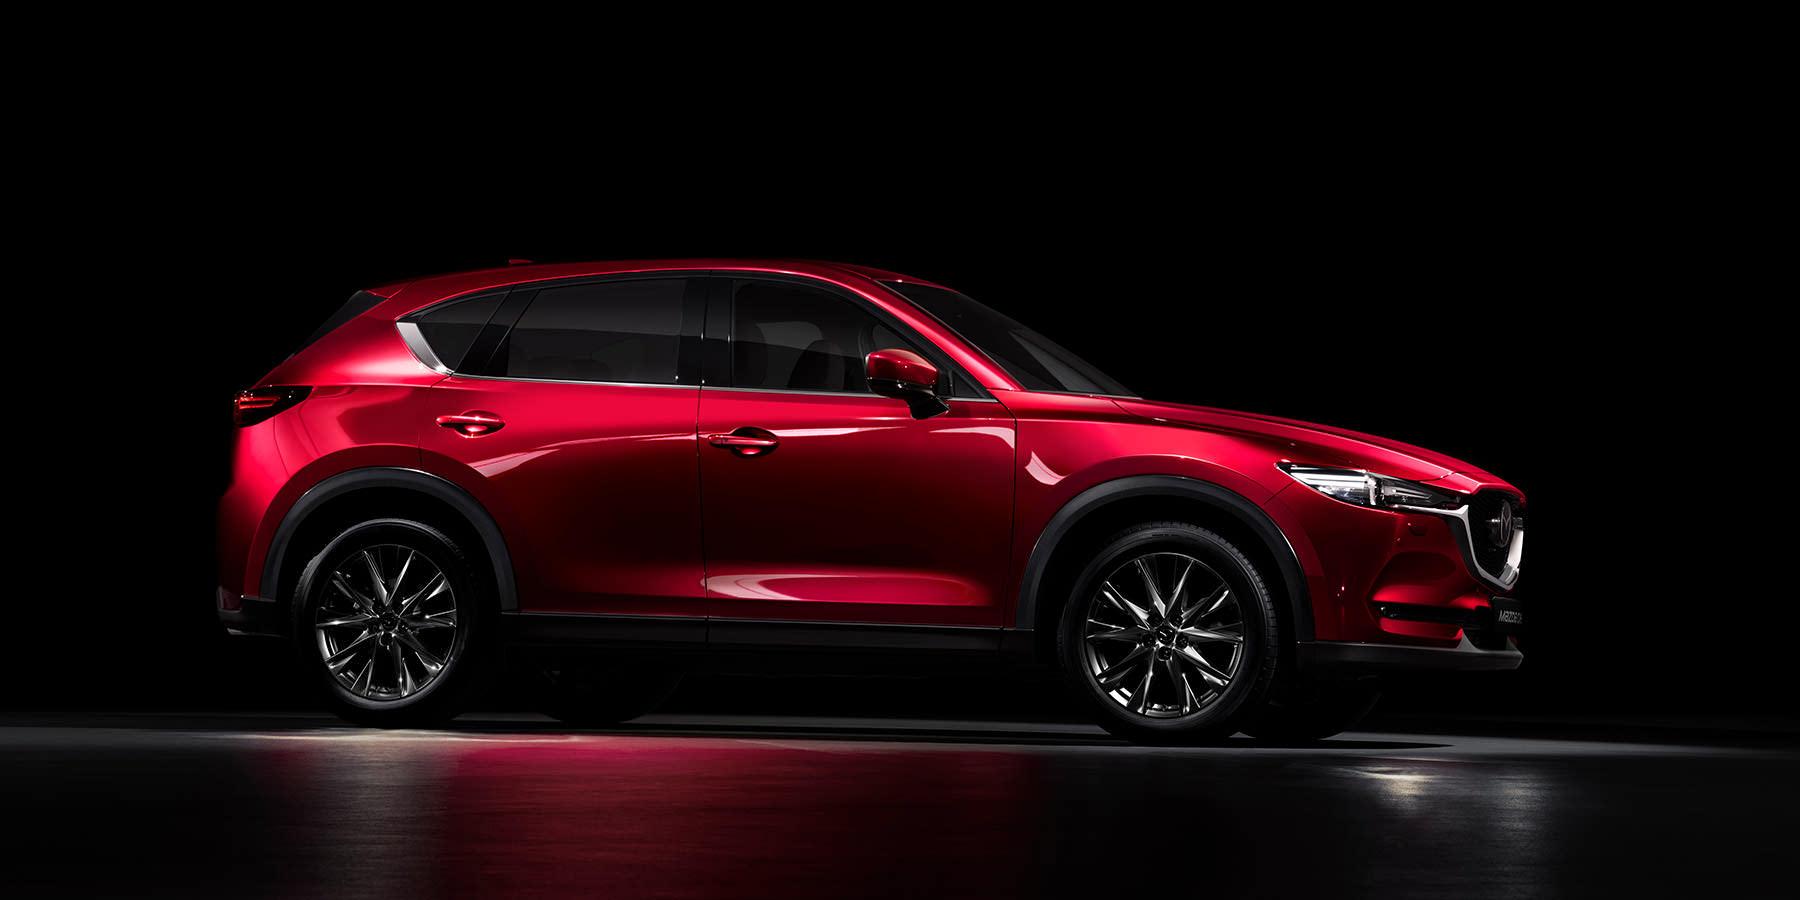 Mazda MX-5 Modellabbildung Seitenansicht, Modellfarbe rot